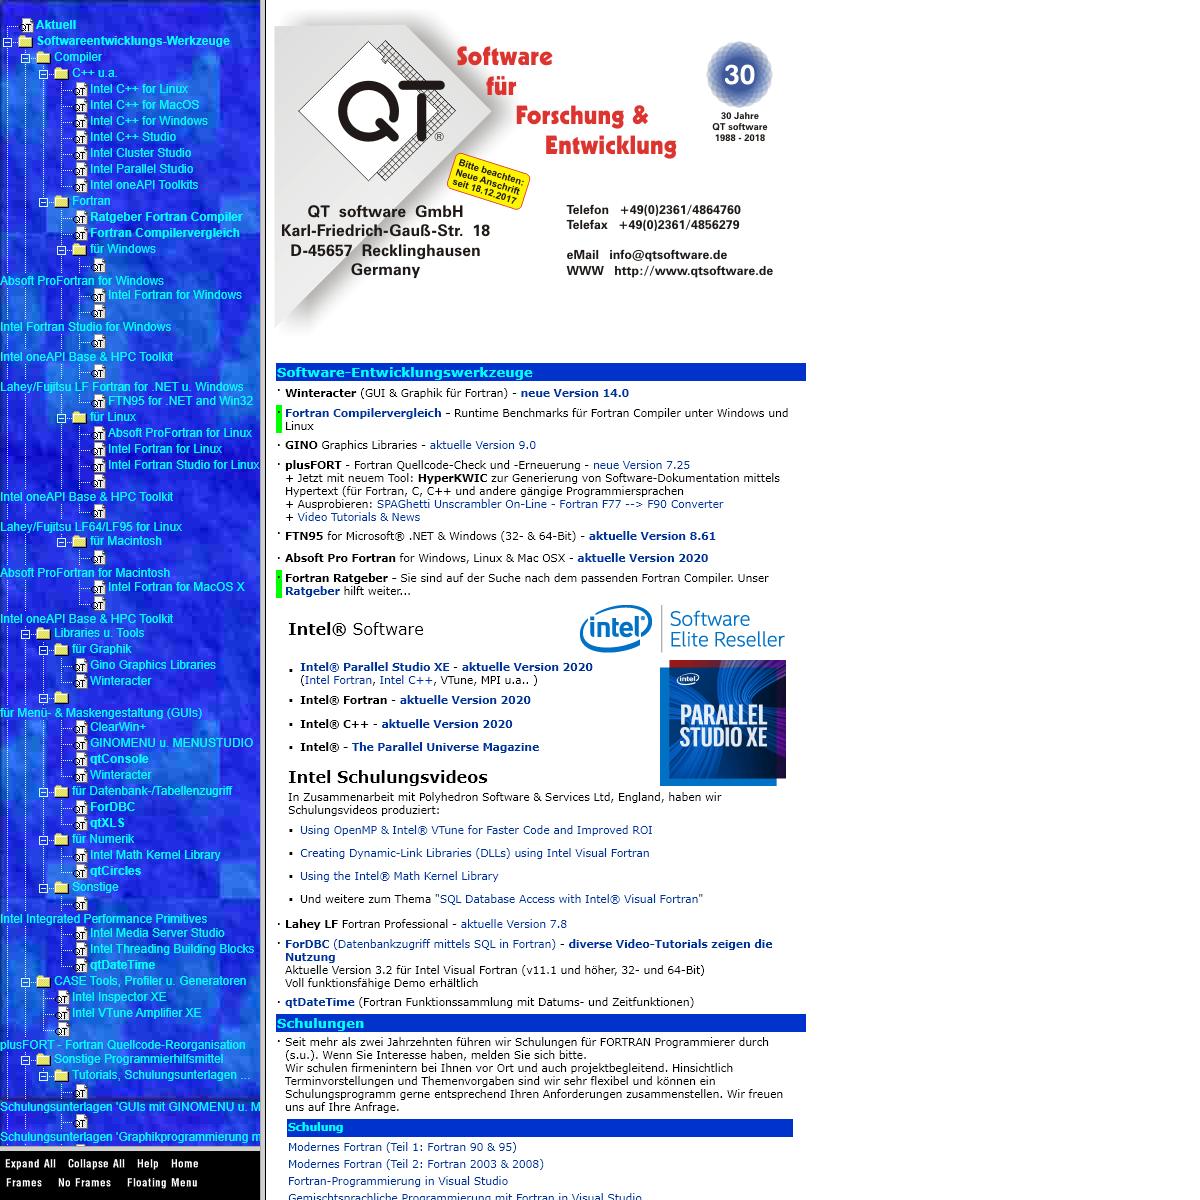 QT software WebSite